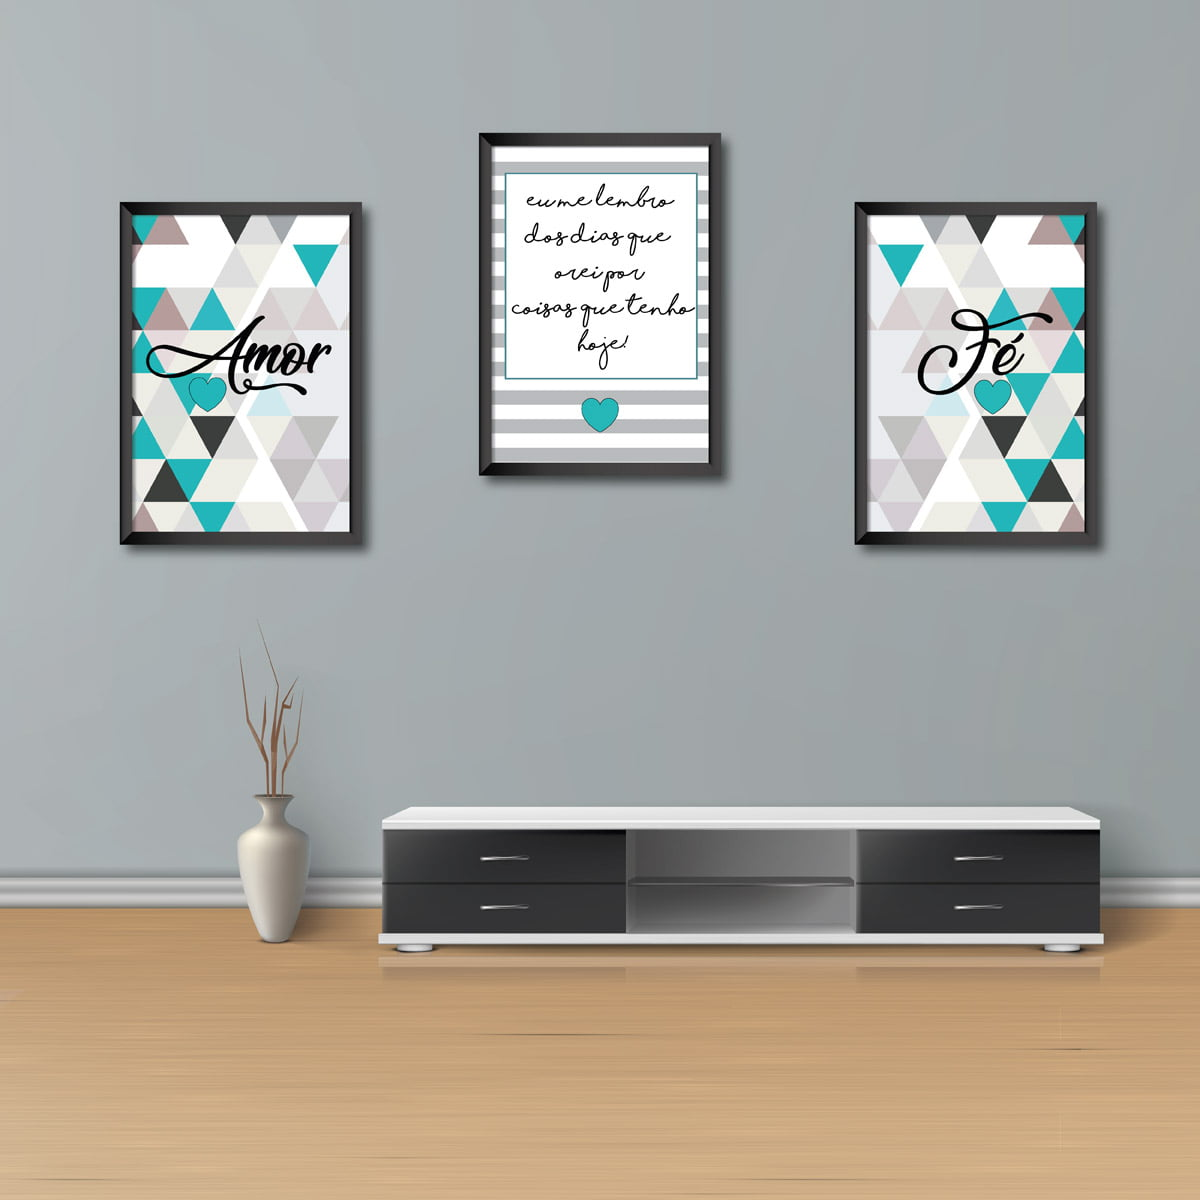 Kit Conjunto 3 Quadros Decorativos Amor, eu me lembro dos dias que orei por coisas  que tenho hoje, Fé, verde com cinza